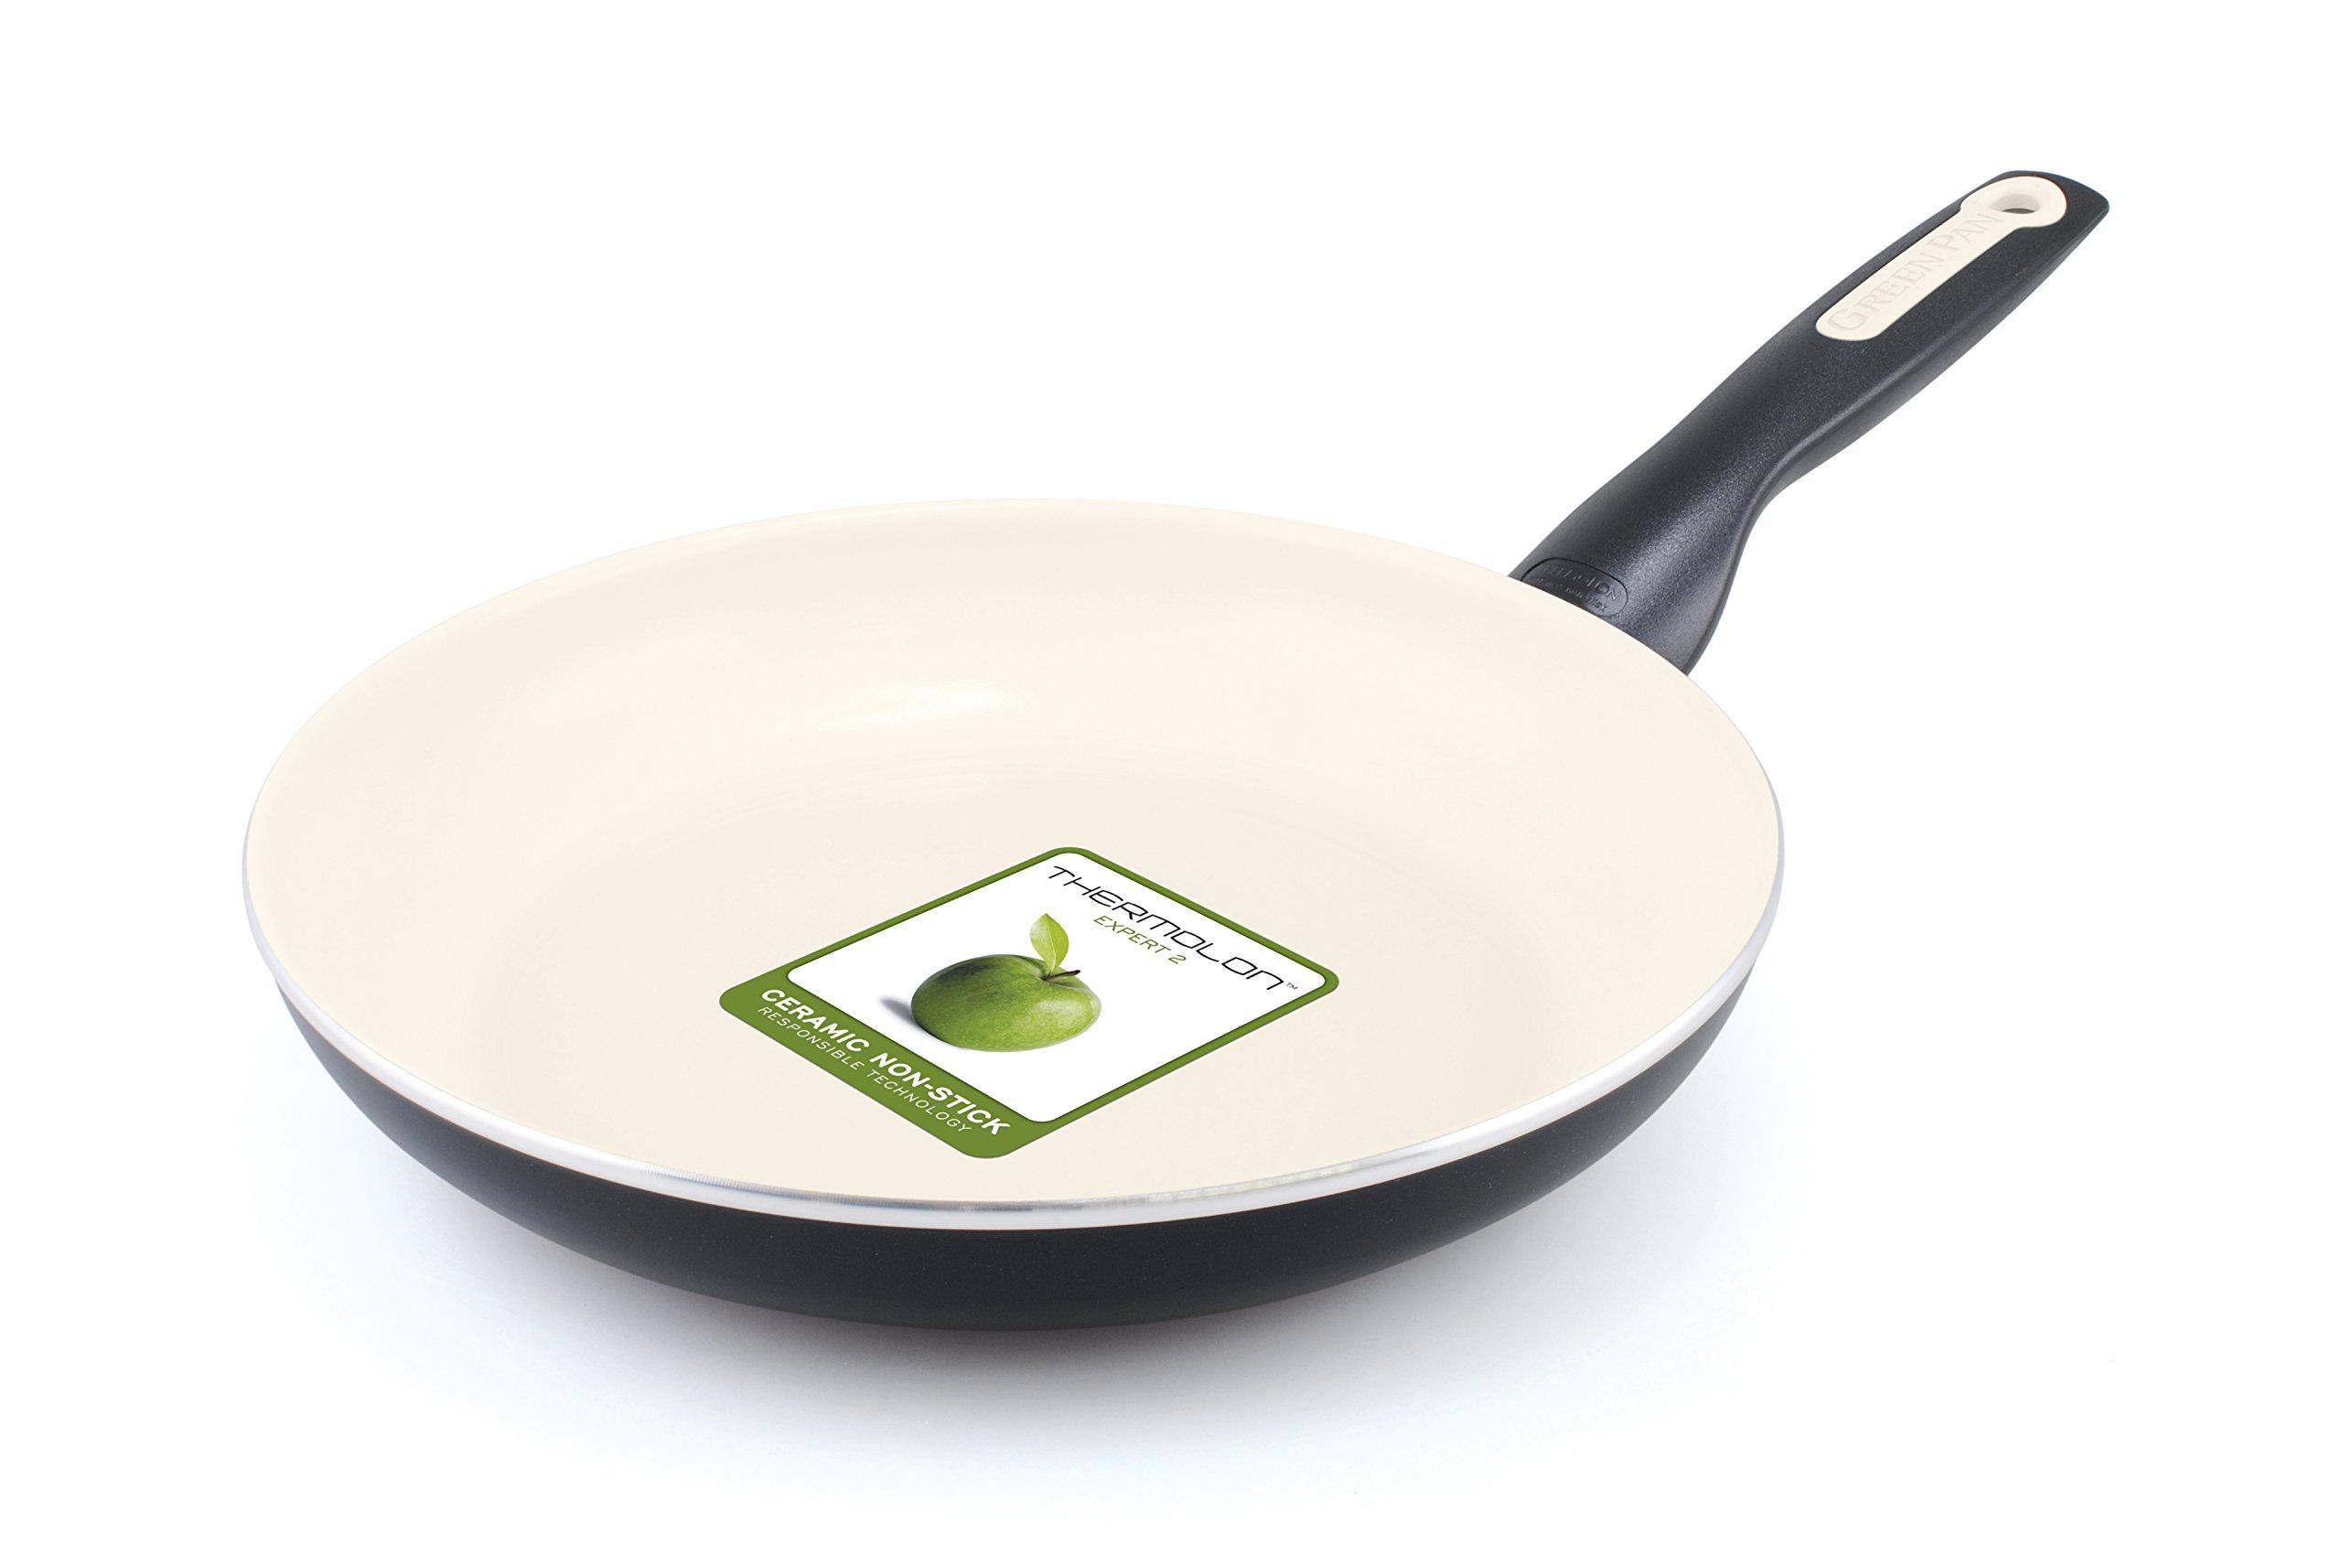 GreenPan Rio 10 Inch Ceramic Non-Stick Fry Pan, Black by GreenPan